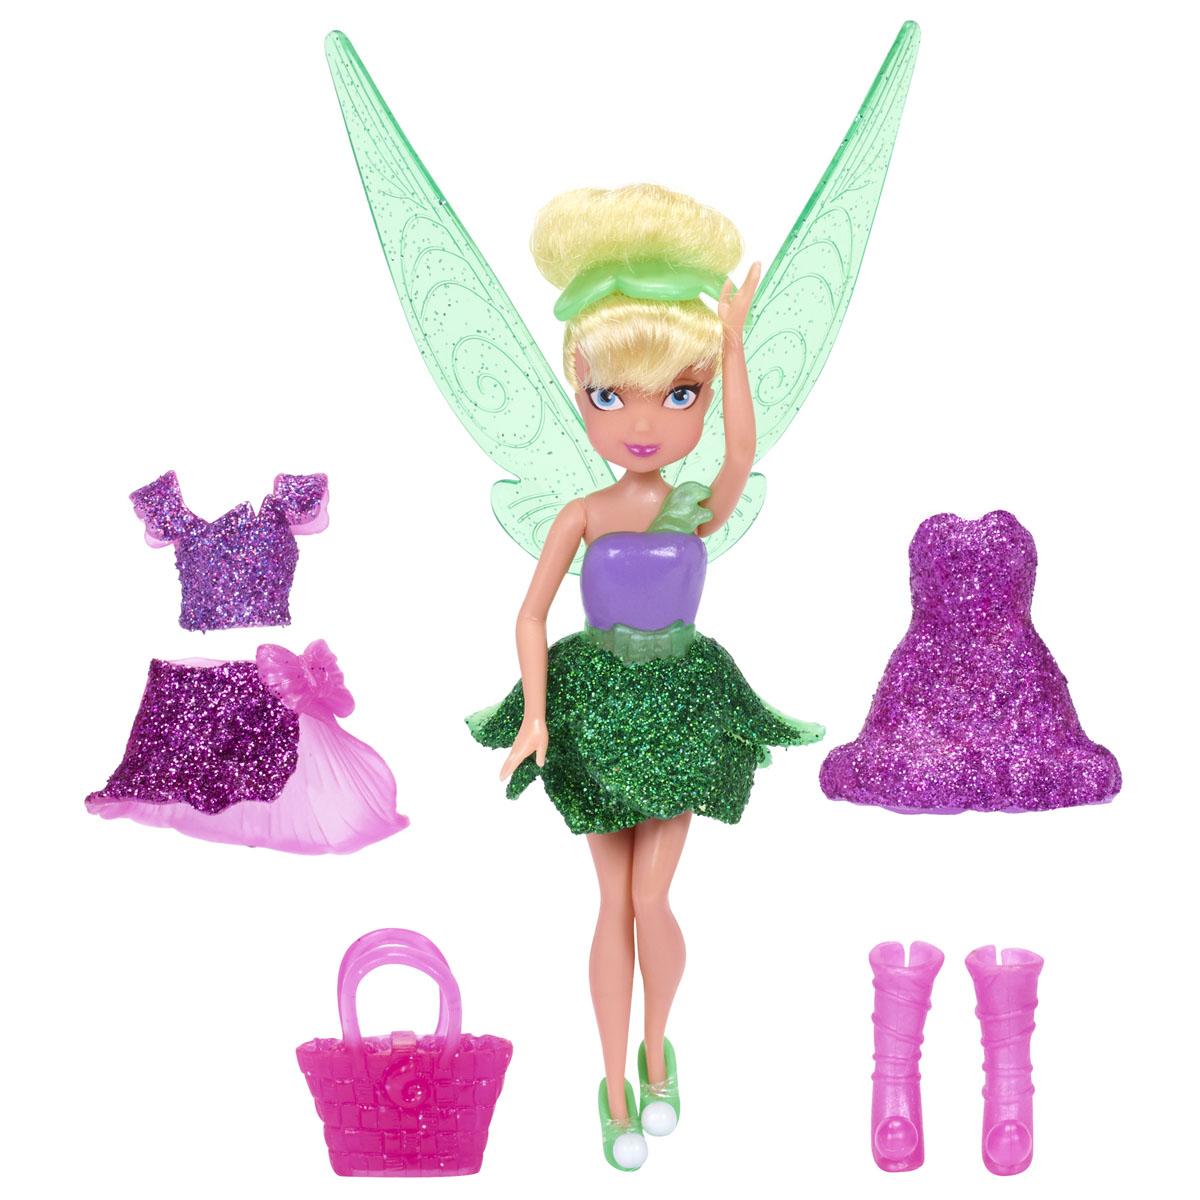 Disney Fairies Мини-кукла Tinks Pixie Sparkle Fashions818020_TinkОчаровательная кукла Disney Fairies Tinks Pixie Sparkle Fashions порадует любую девочку и обязательно станет ее любимой игрушкой. В комплект входит куколка-фея и ее наряды. Кукла выполнена из прочного пластика. Ее белокурые волосы уложены в стильную прическу. Куколка одета в сверкающее платье феи, ее волосы украшены заколкой в виде лепестков, а в руках у нее - розовая сумочка. Также в комплект входят дополнительные наряды - топ и юбка с блестками, высокие сапожки, и короткое розовое платье. Завершают сказочный образ полупрозрачные крылья феи. Голова, ручки и ножки куклы подвижны. Игры с куклой способствуют эмоциональному развитию ребенка, а также помогают формировать воображение и художественный вкус. Малышка проведет множество счастливых часов, играя с очаровательной феей. Великолепное качество исполнения делают эту игрушку чудесным подарком к любому празднику.